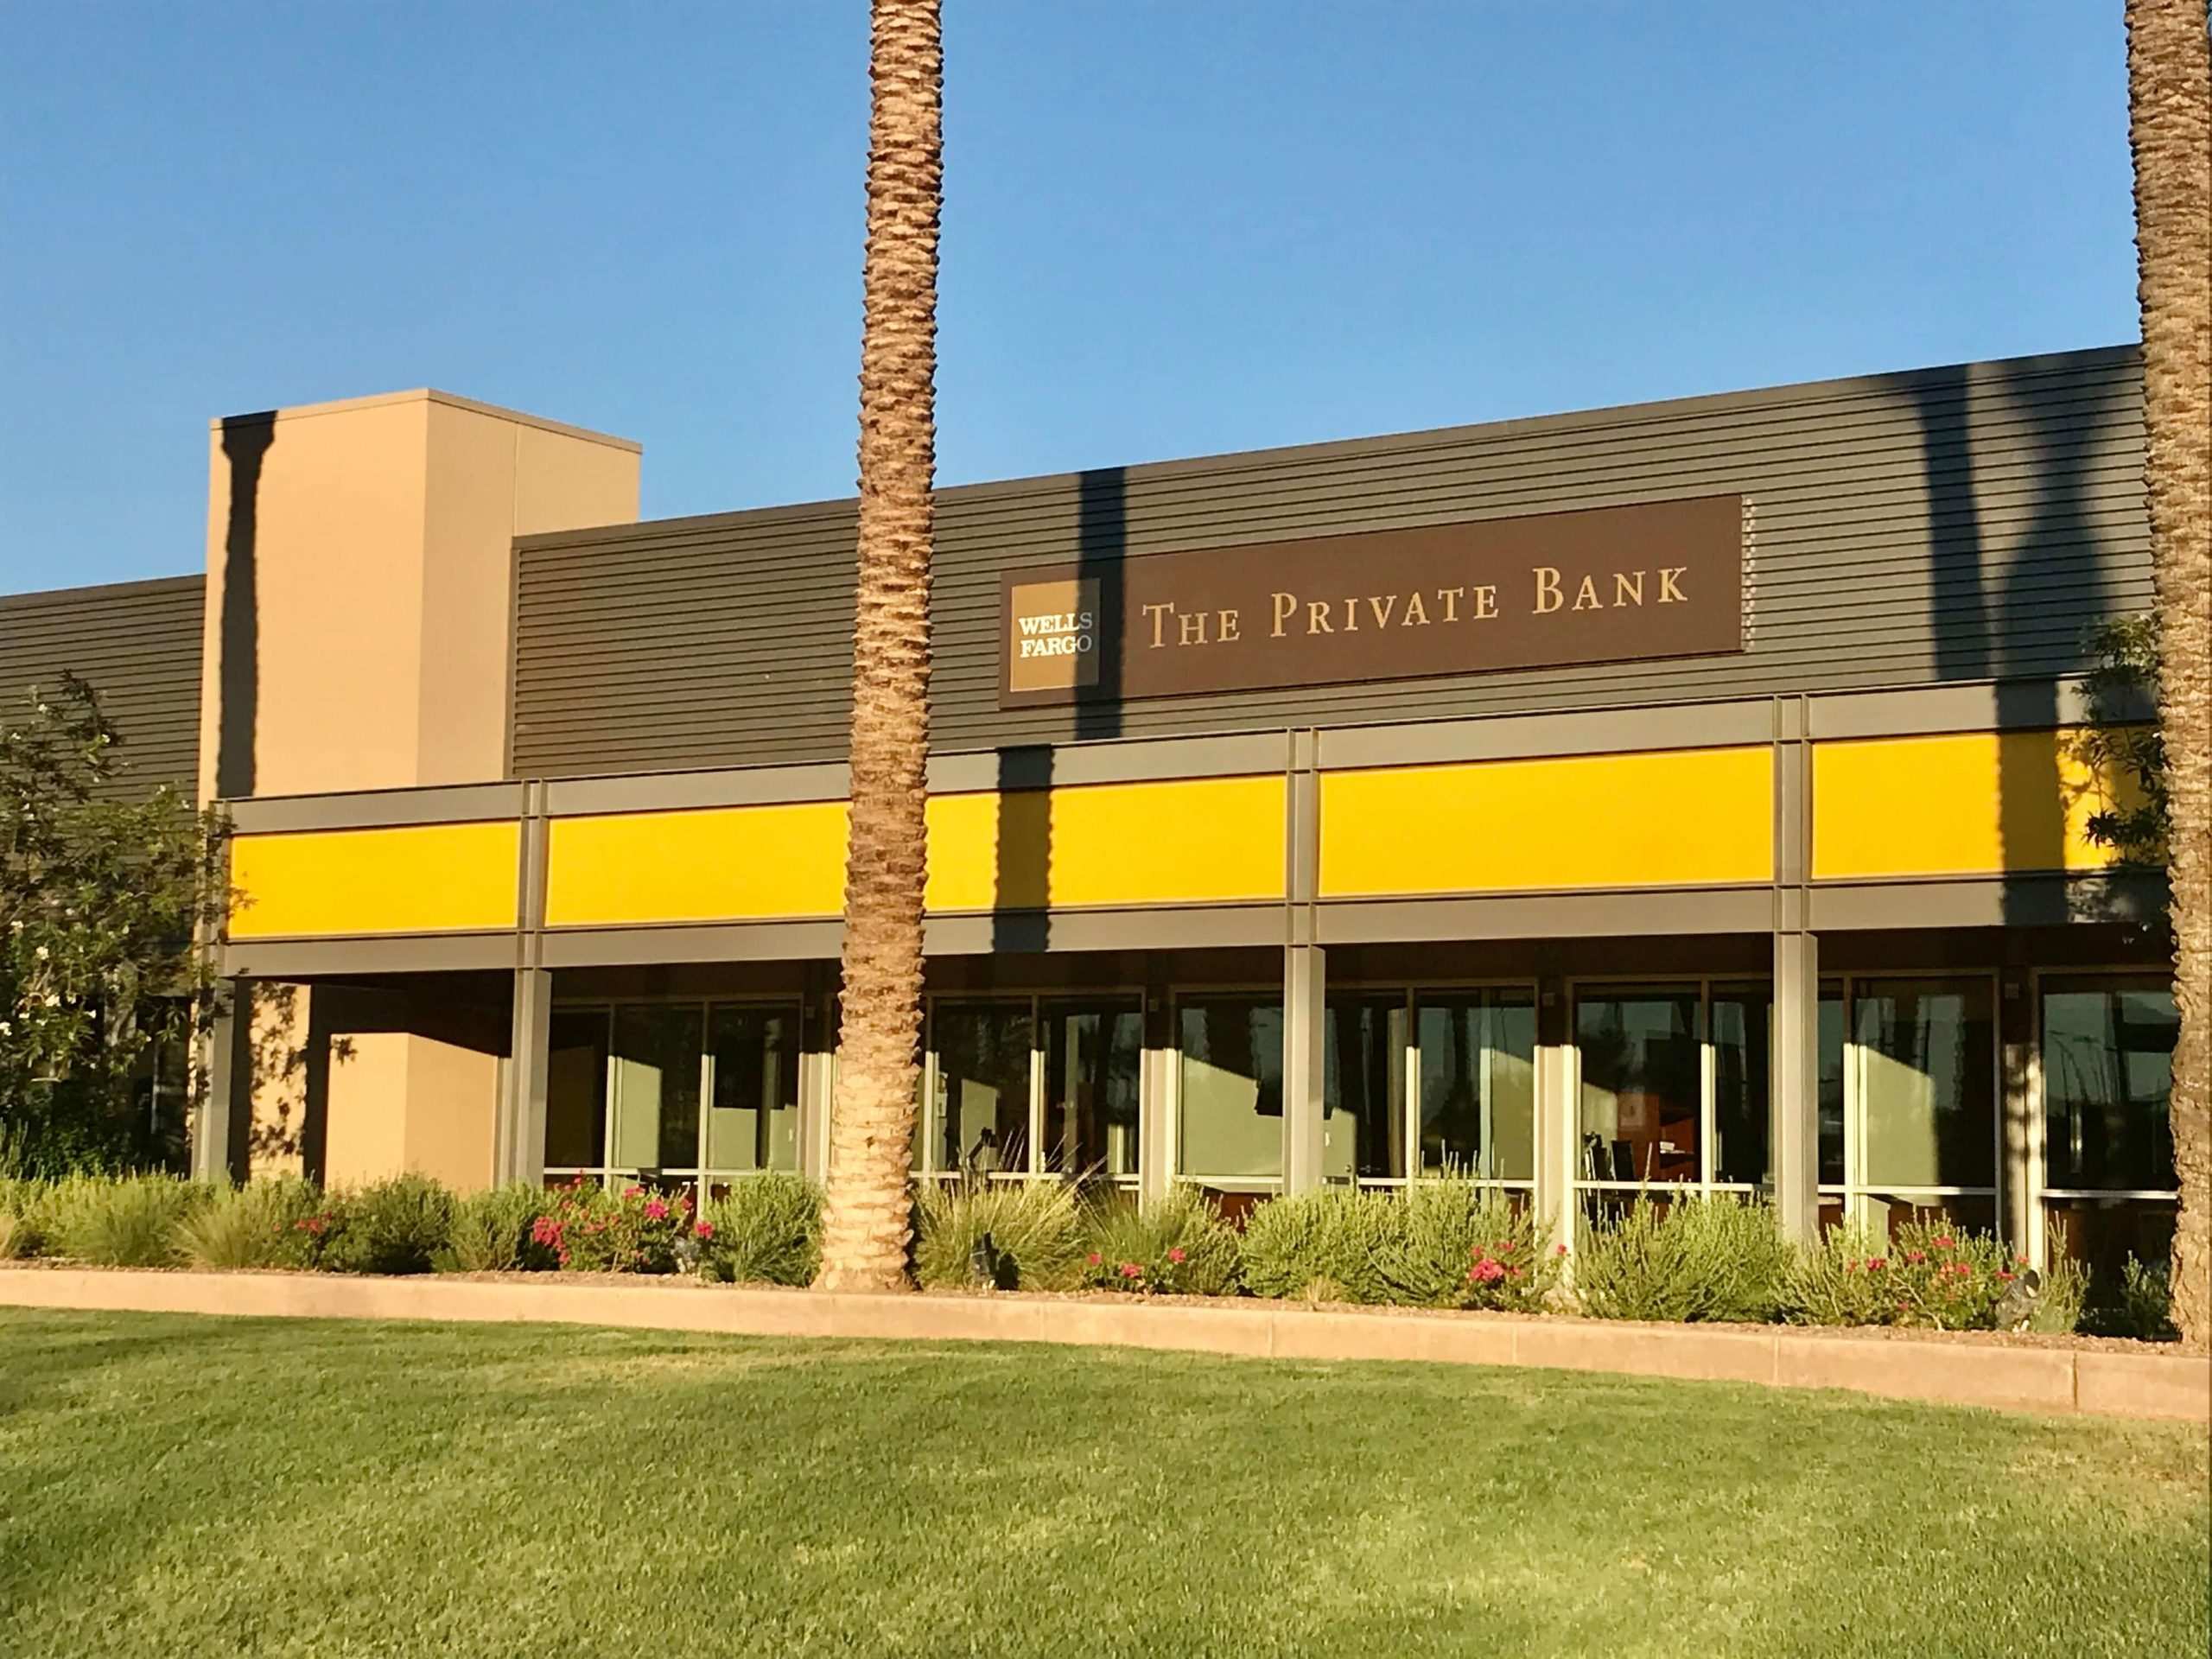 Park Place Retail